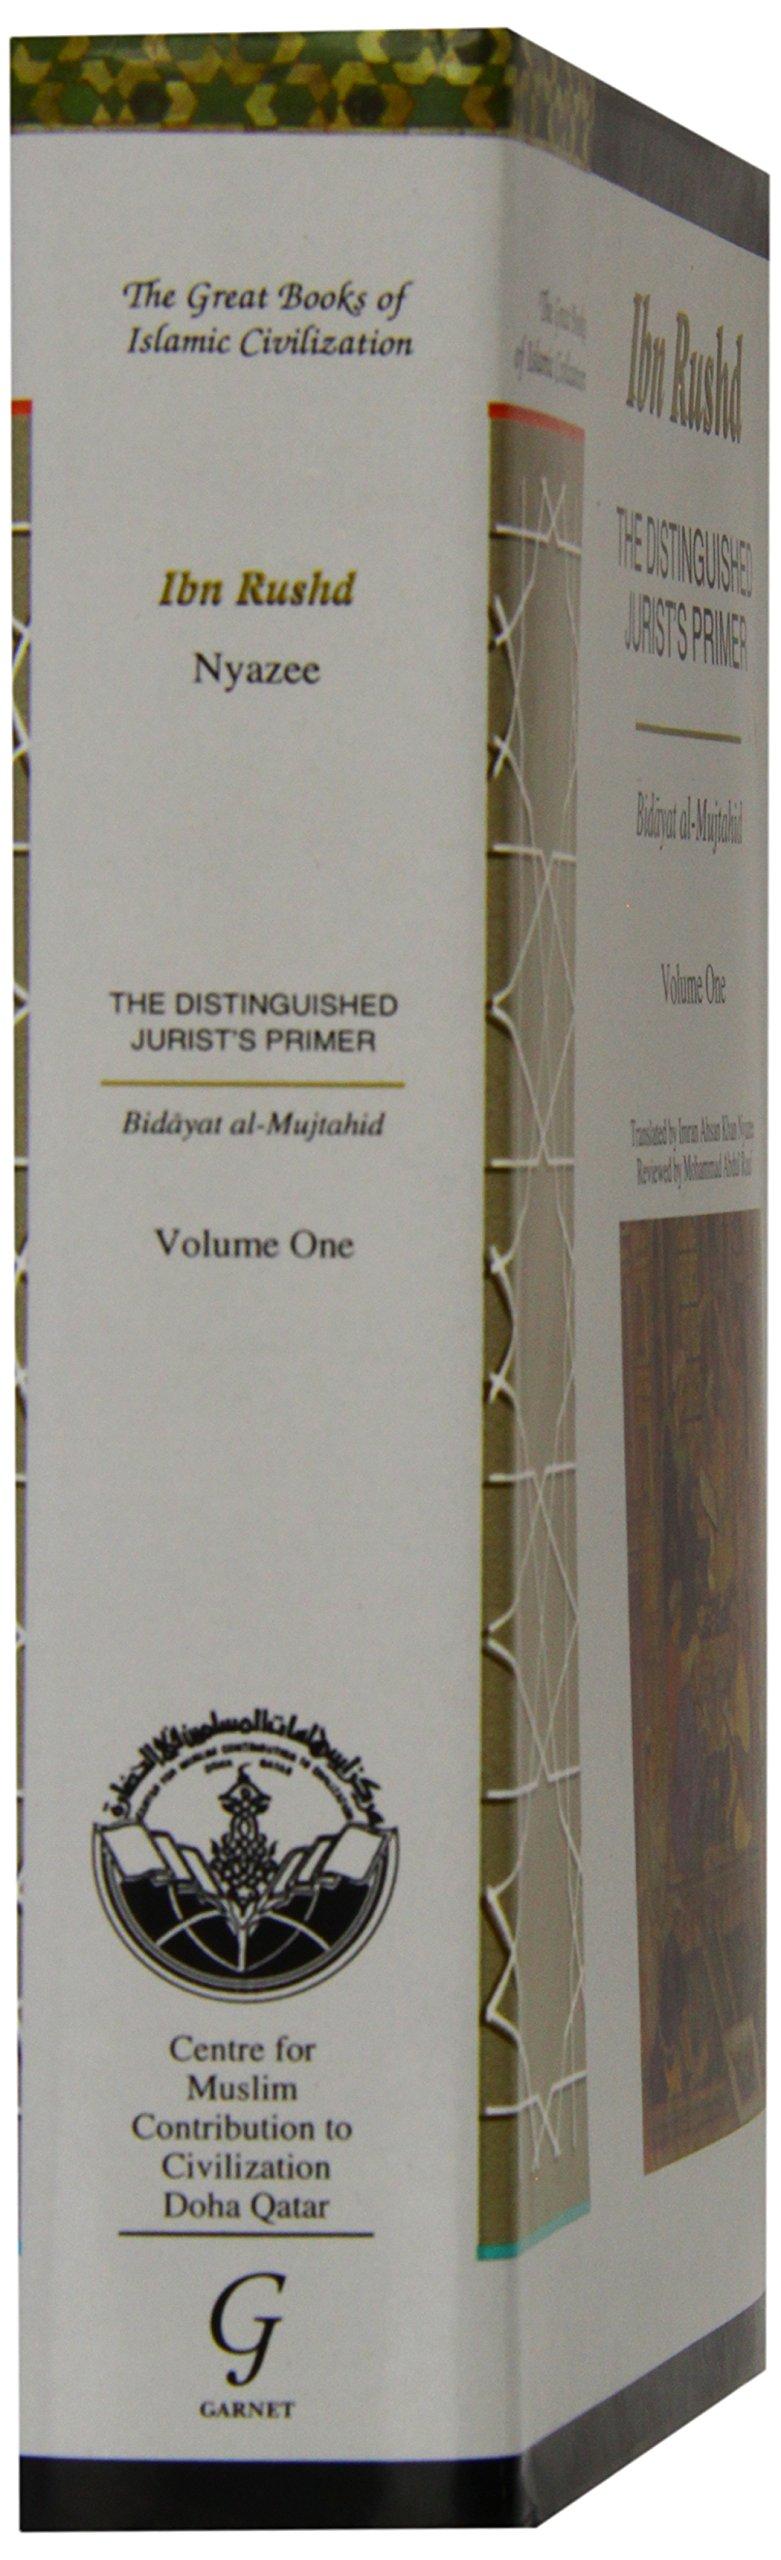 THE DISTINGUISHED JURIST PRIMER DOWNLOAD